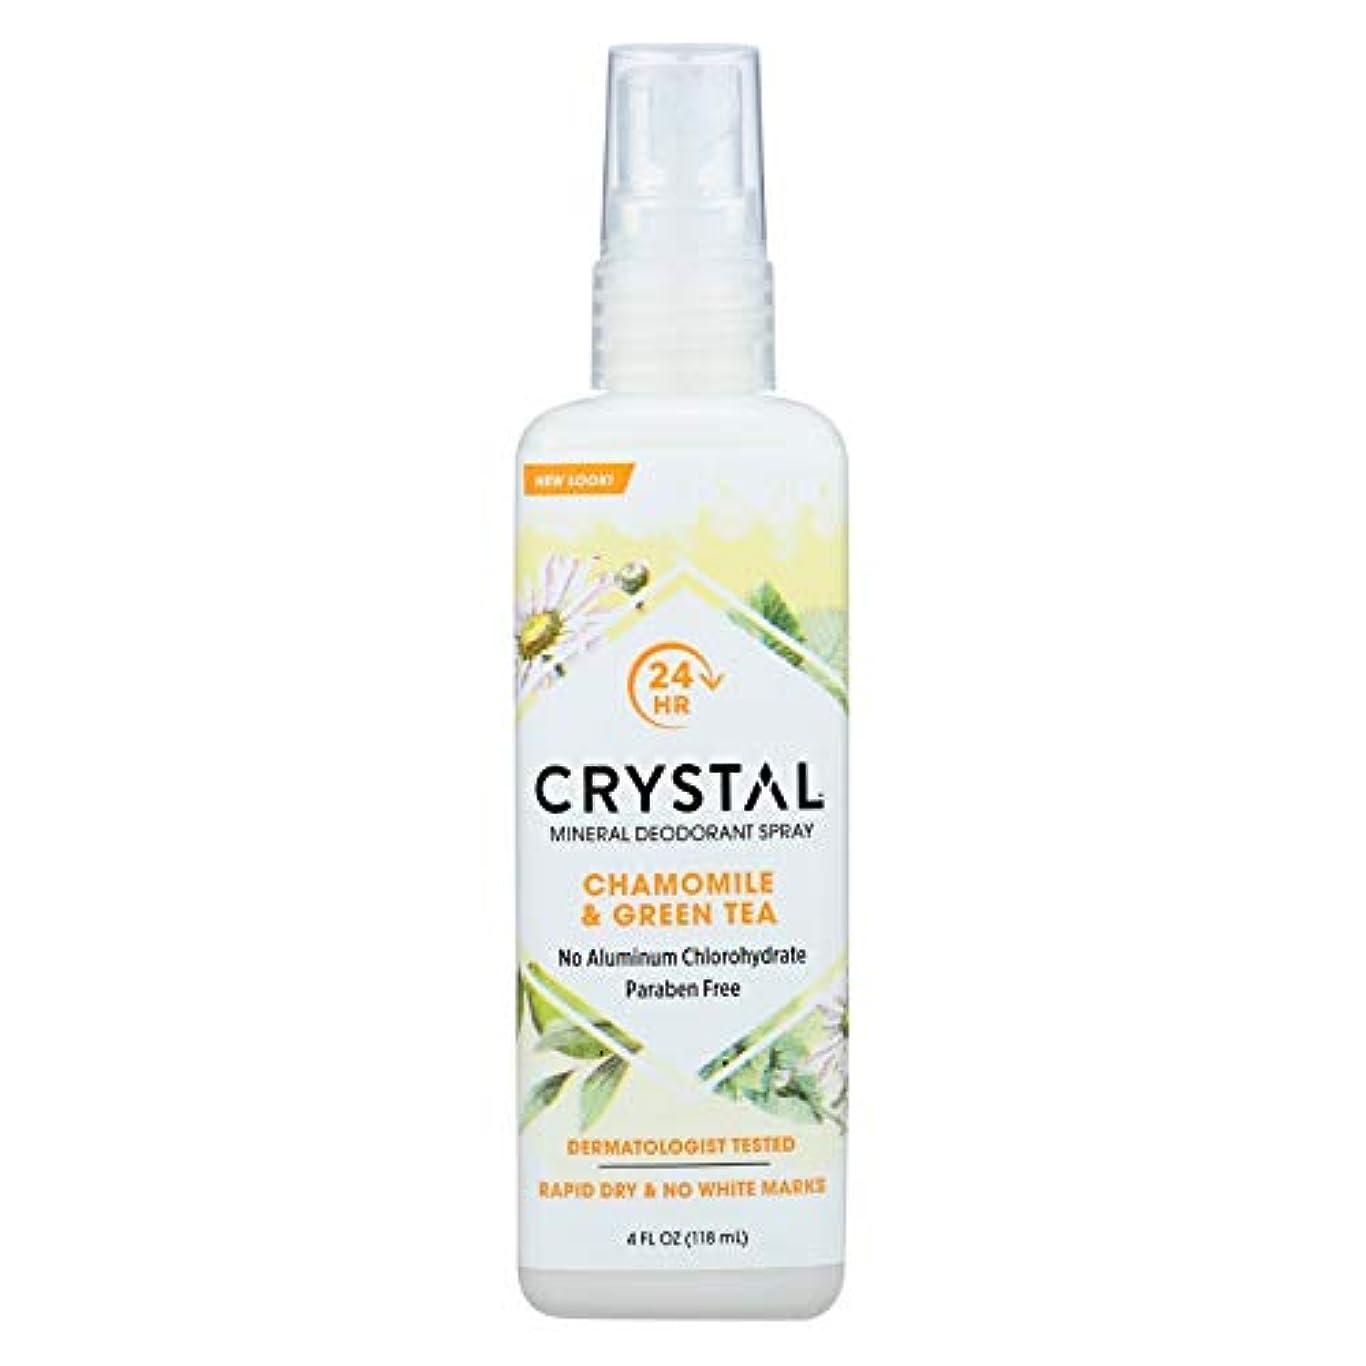 エキス不明瞭劇場Crystal Body Deodorant - 水晶本質のフランスの運輸Chamomile及び緑茶によるミネラル防臭剤ボディスプレー - 4ポンド